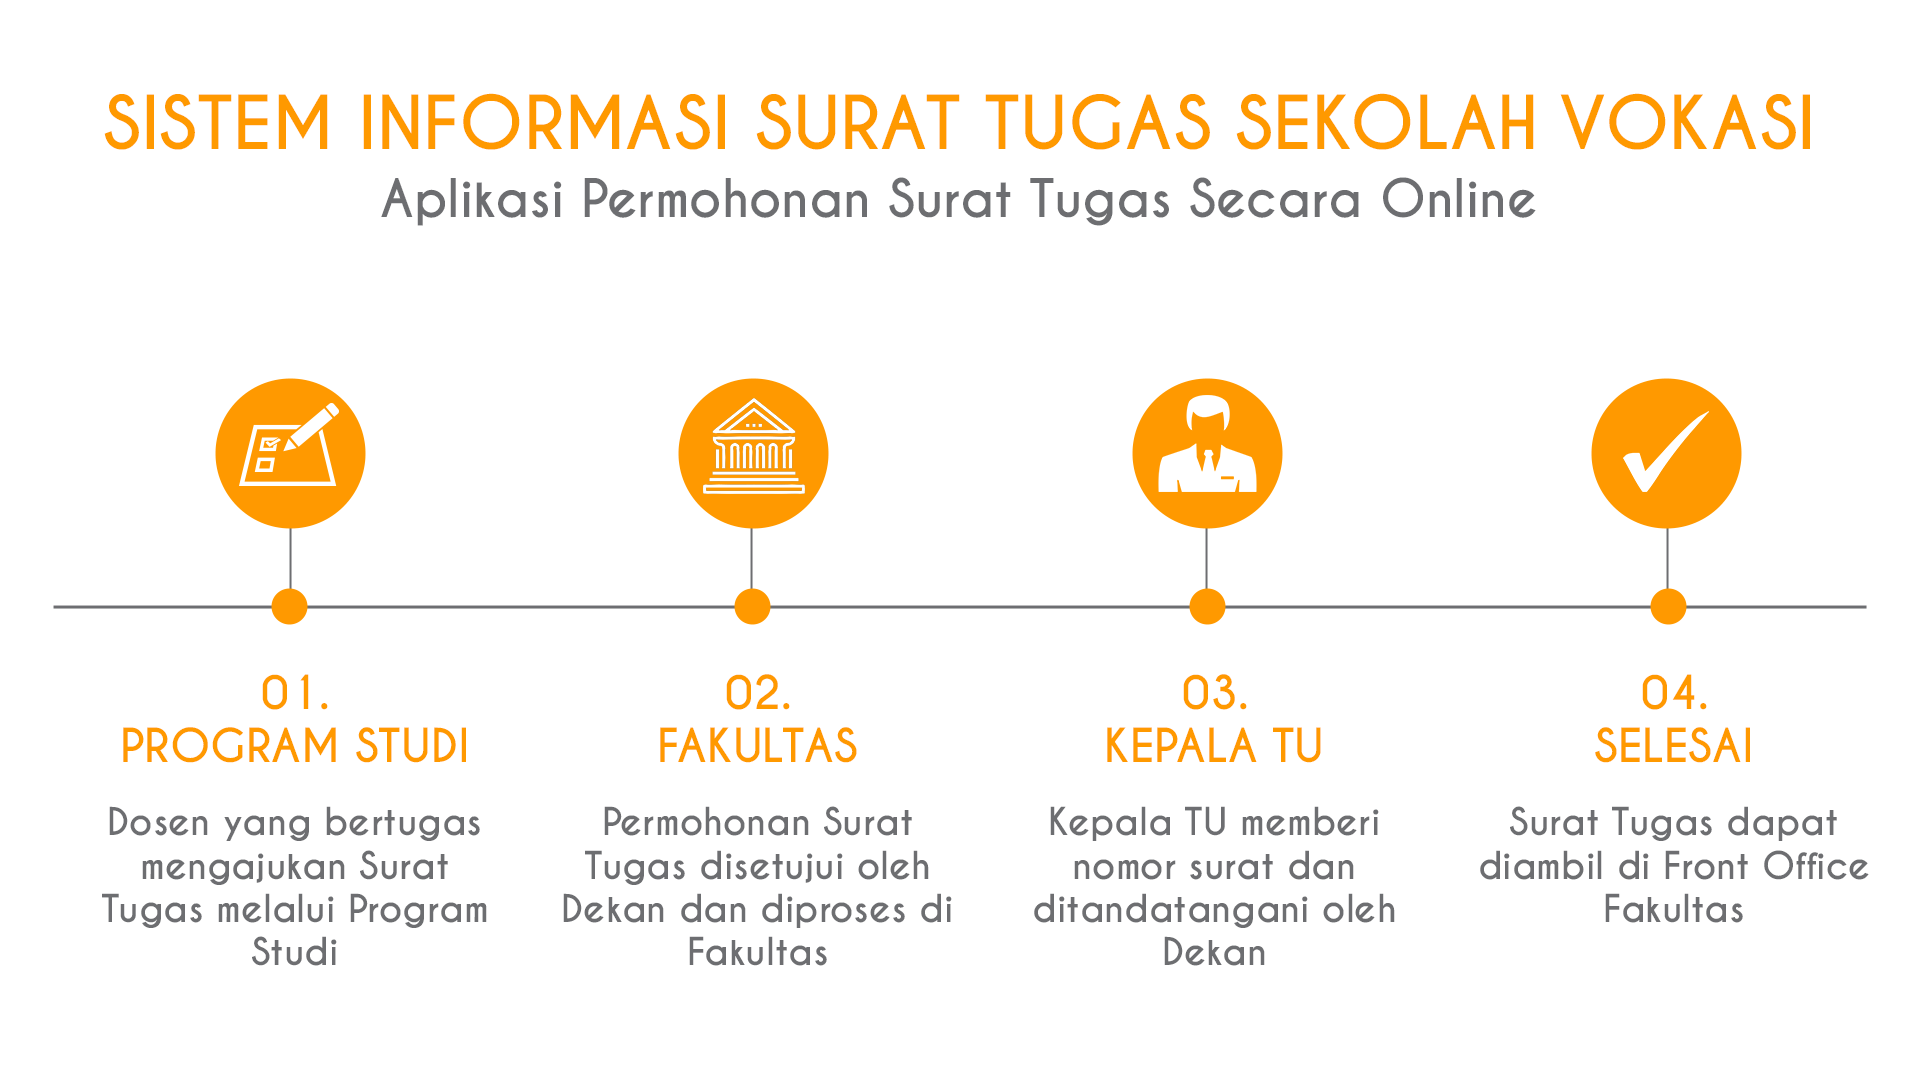 Aplikasi Surat Tugas Sekolah Vokasi Universitas Diponegoro